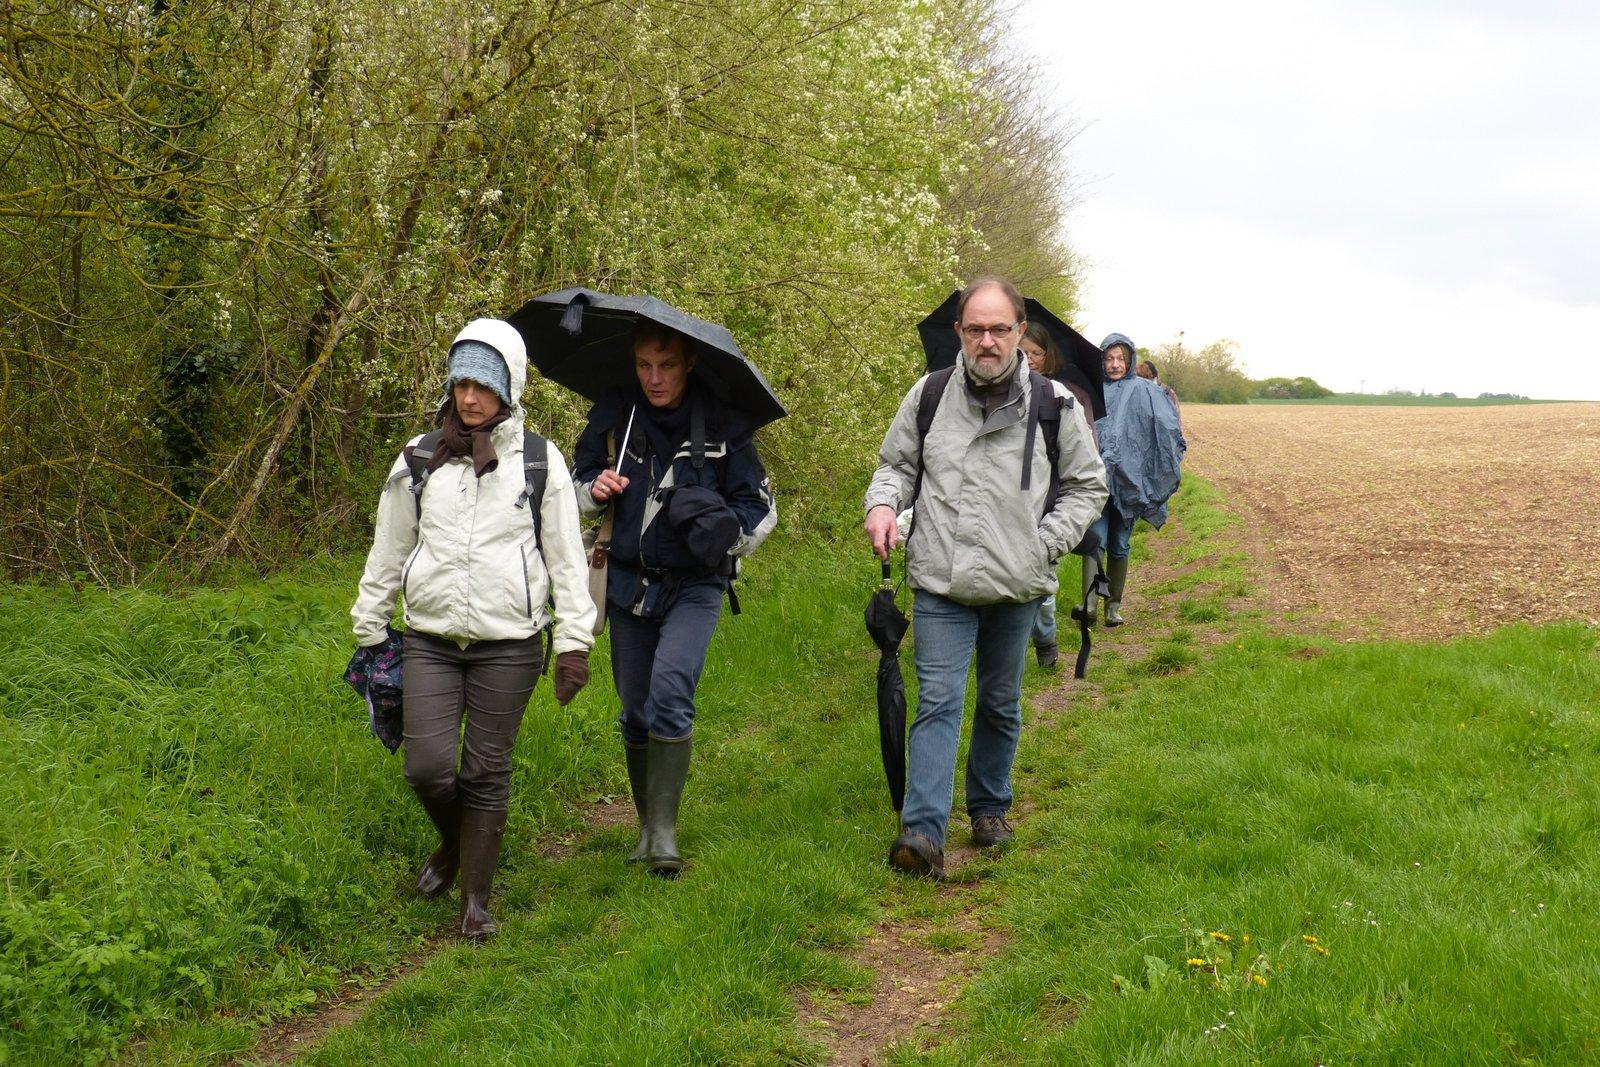 Le retour : 6 kms ça use les souliers :-) Copyright Dominique Leroy